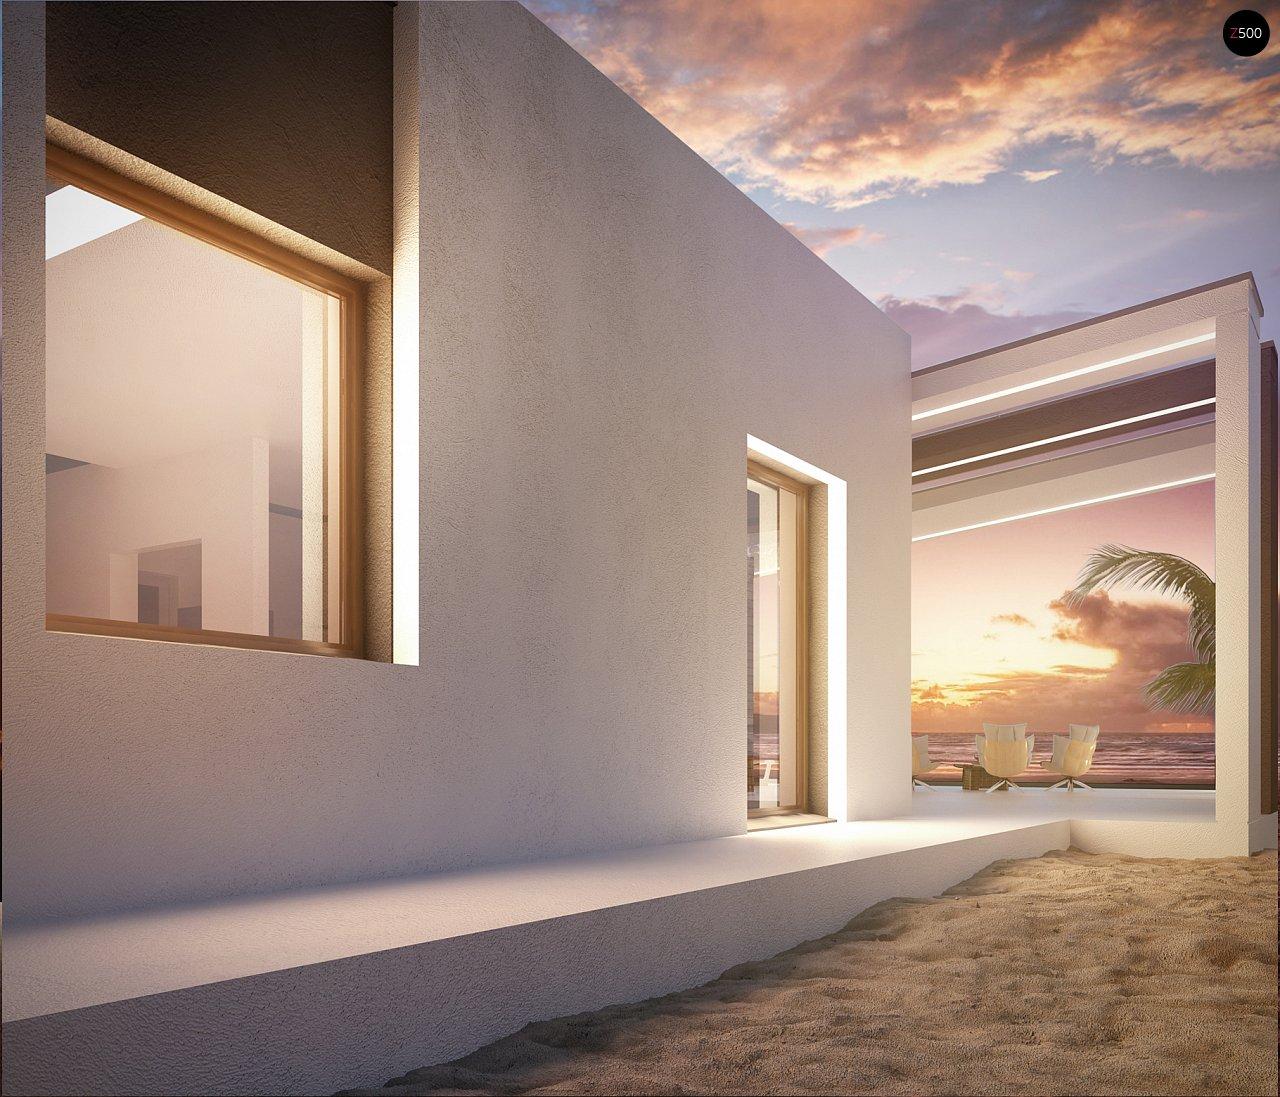 Современный и функциональный одноэтажный дом с уникальной архитектурной формой. 7